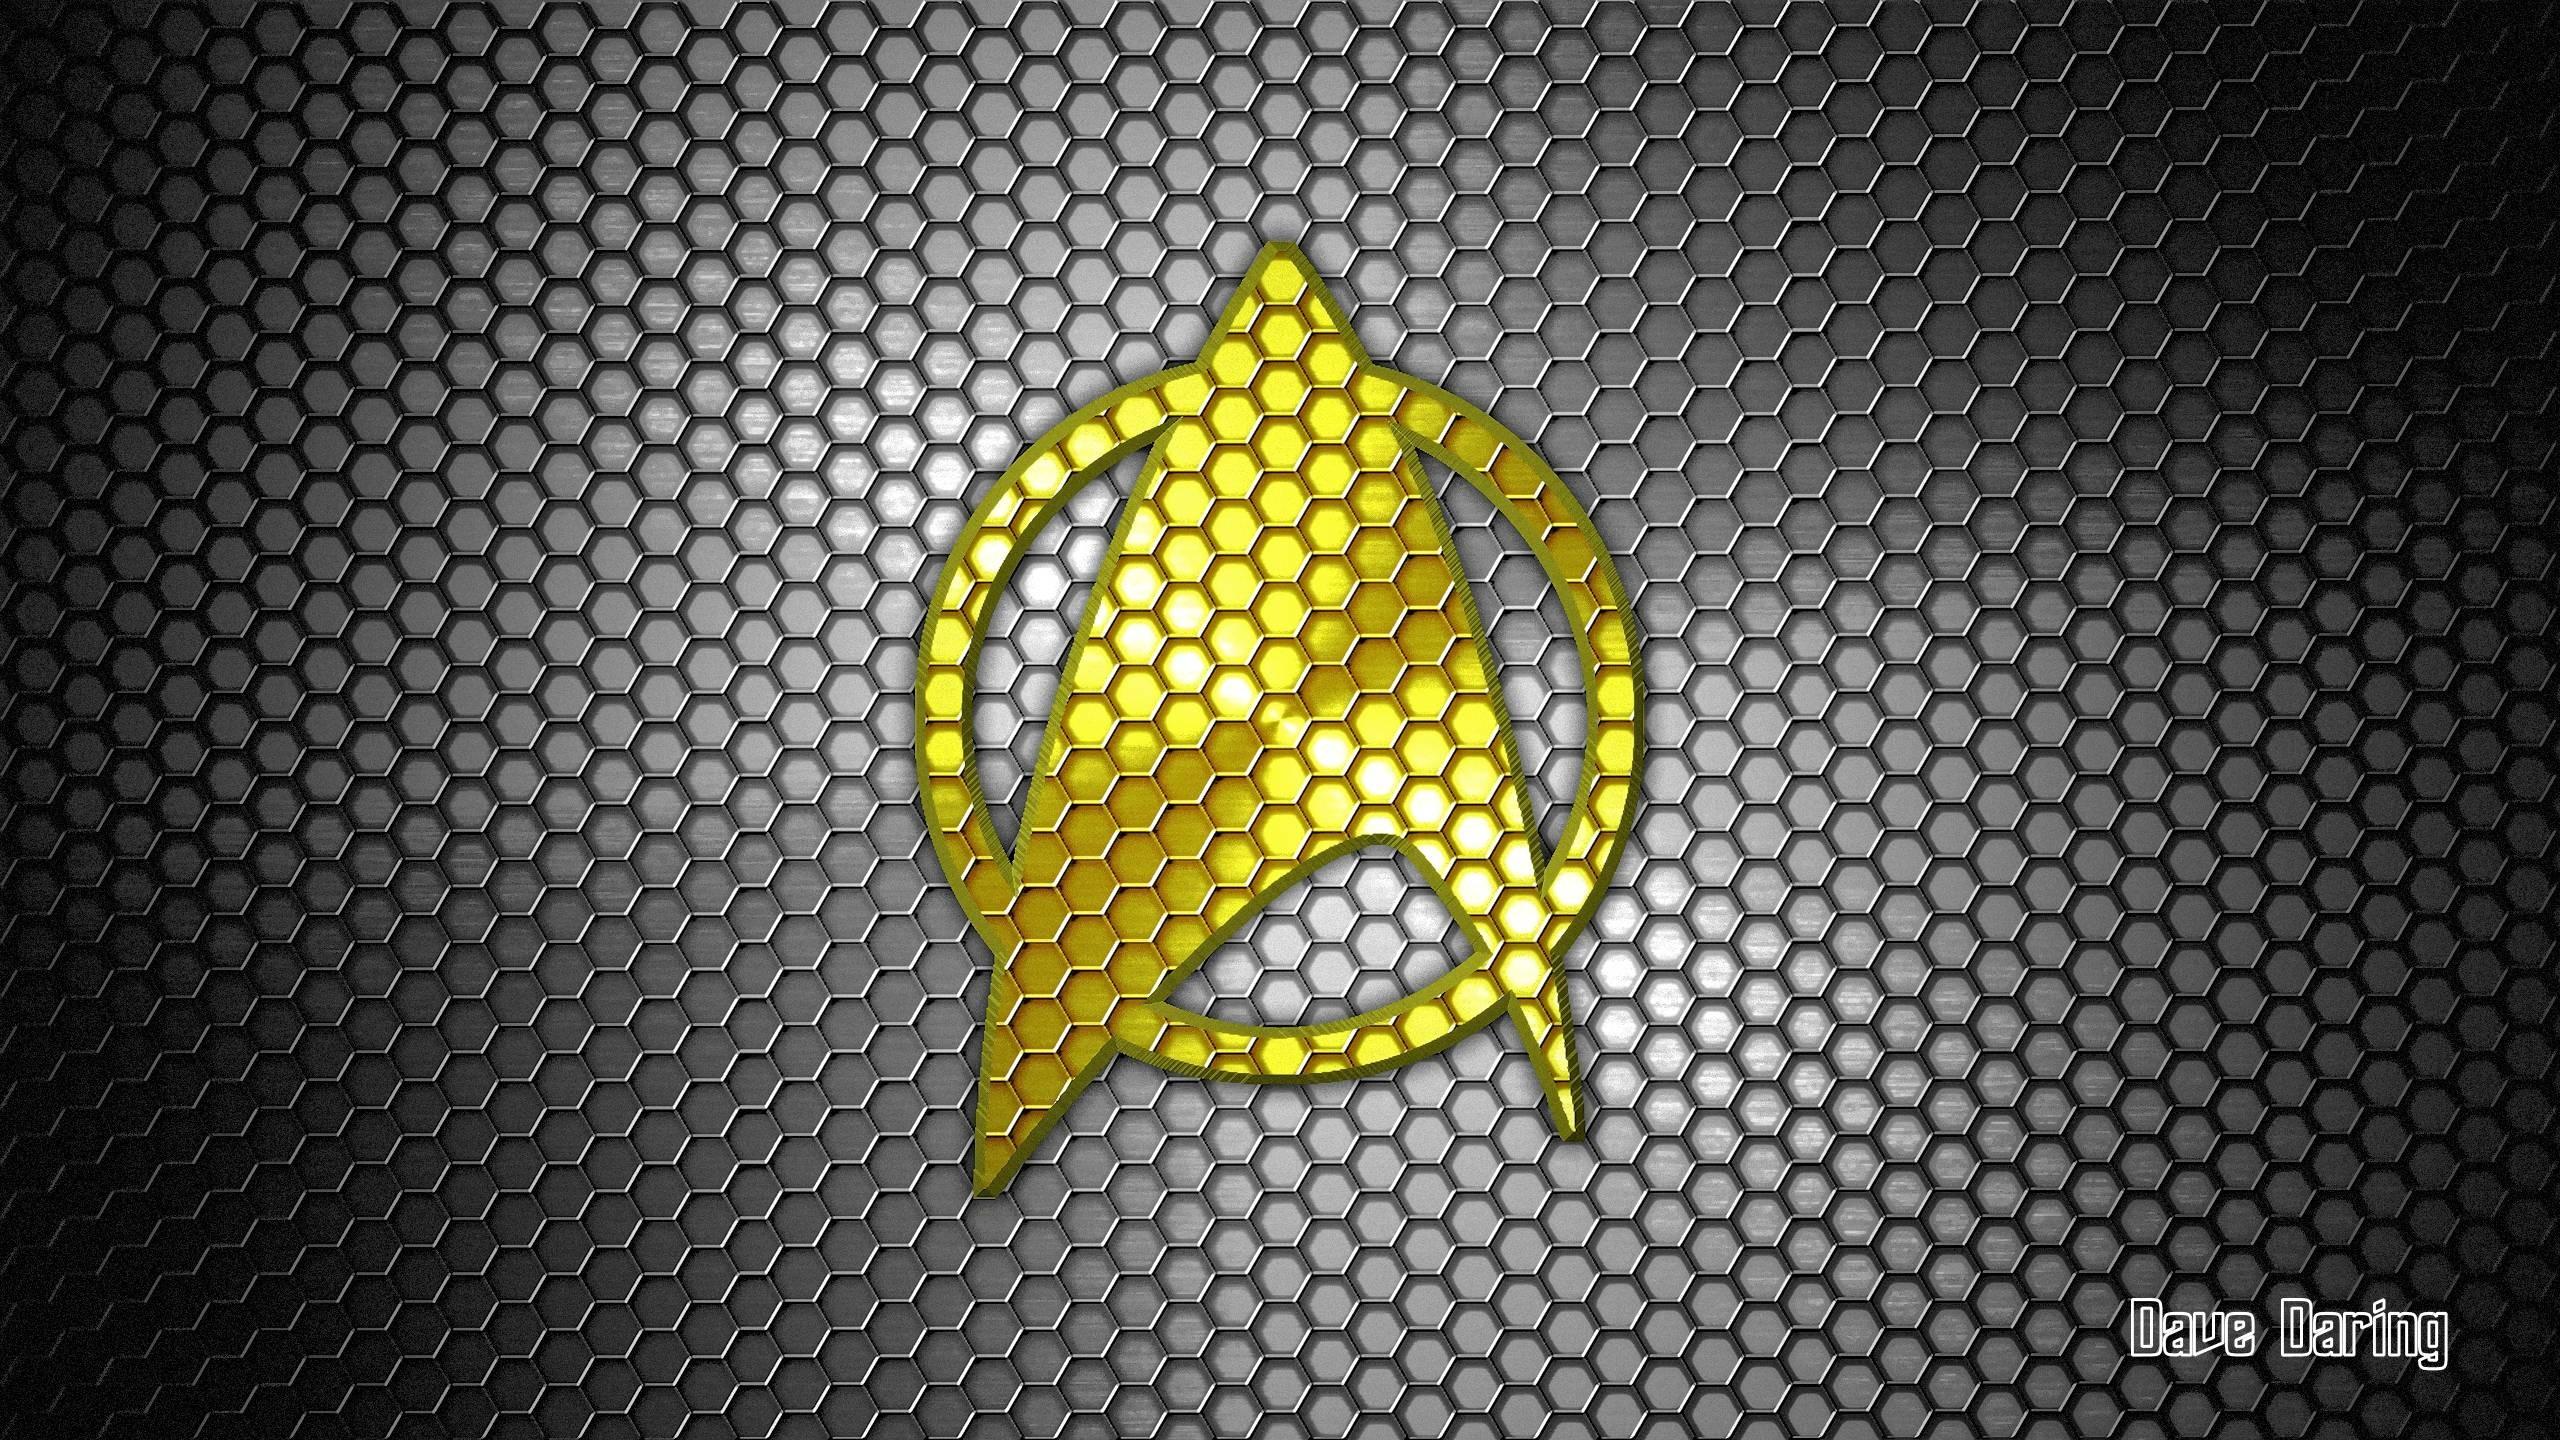 … Star Trek Techno by Dave-Daring